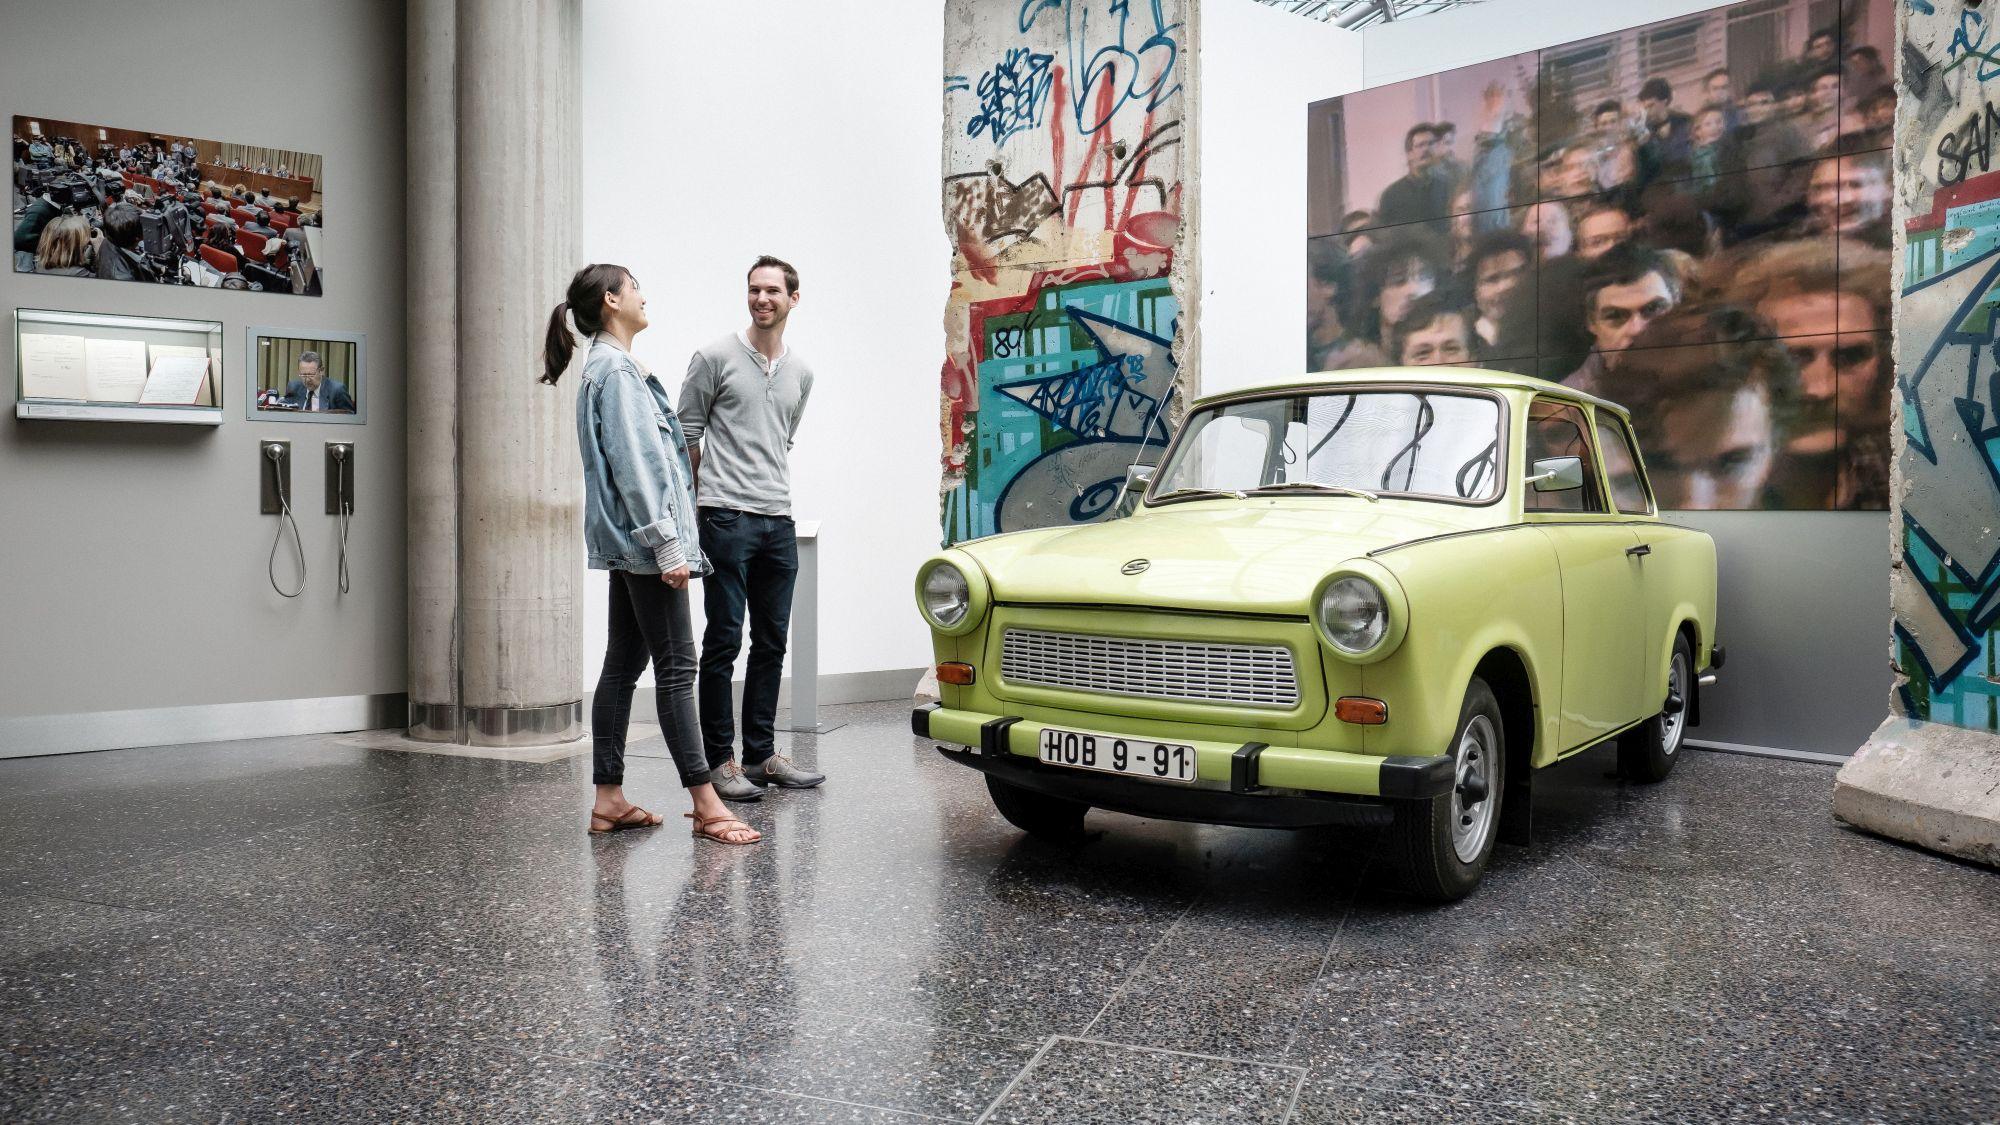 Eine junge Frau und ein junger Mann unterhalten sich in der Ausstellung neben einem grünen Trabi, der zwischen zwei großen Mauerteilen der Berliner Mauer steht.